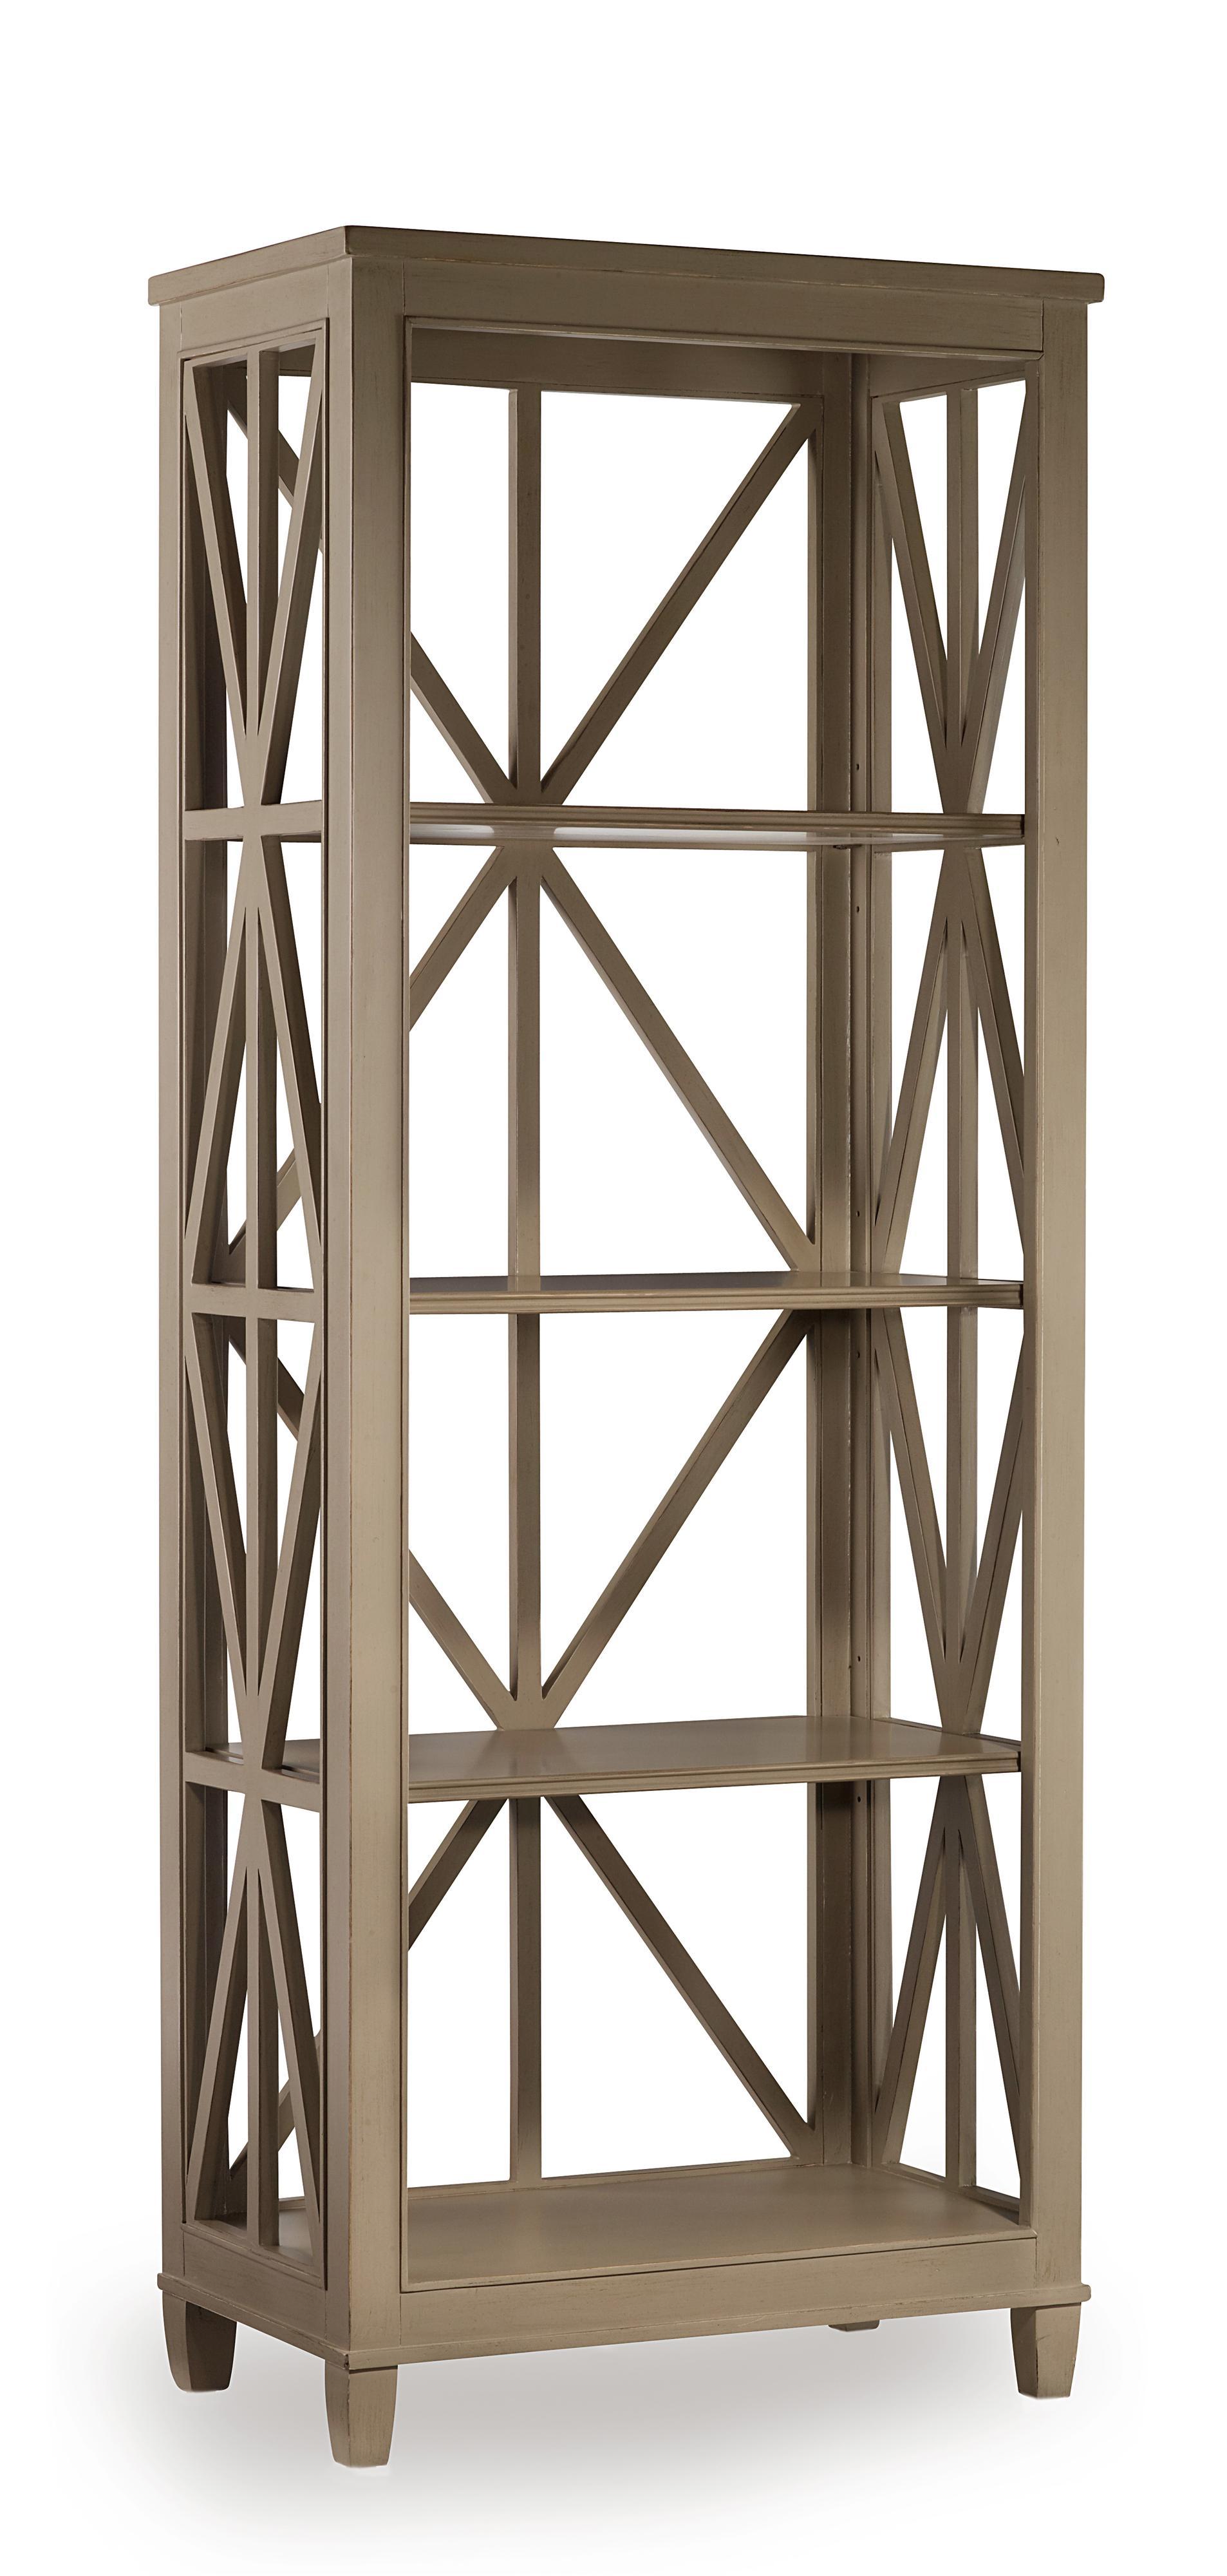 Hooker Furniture Mélange Holden Etagére Bookcase - Item Number: 638-50020